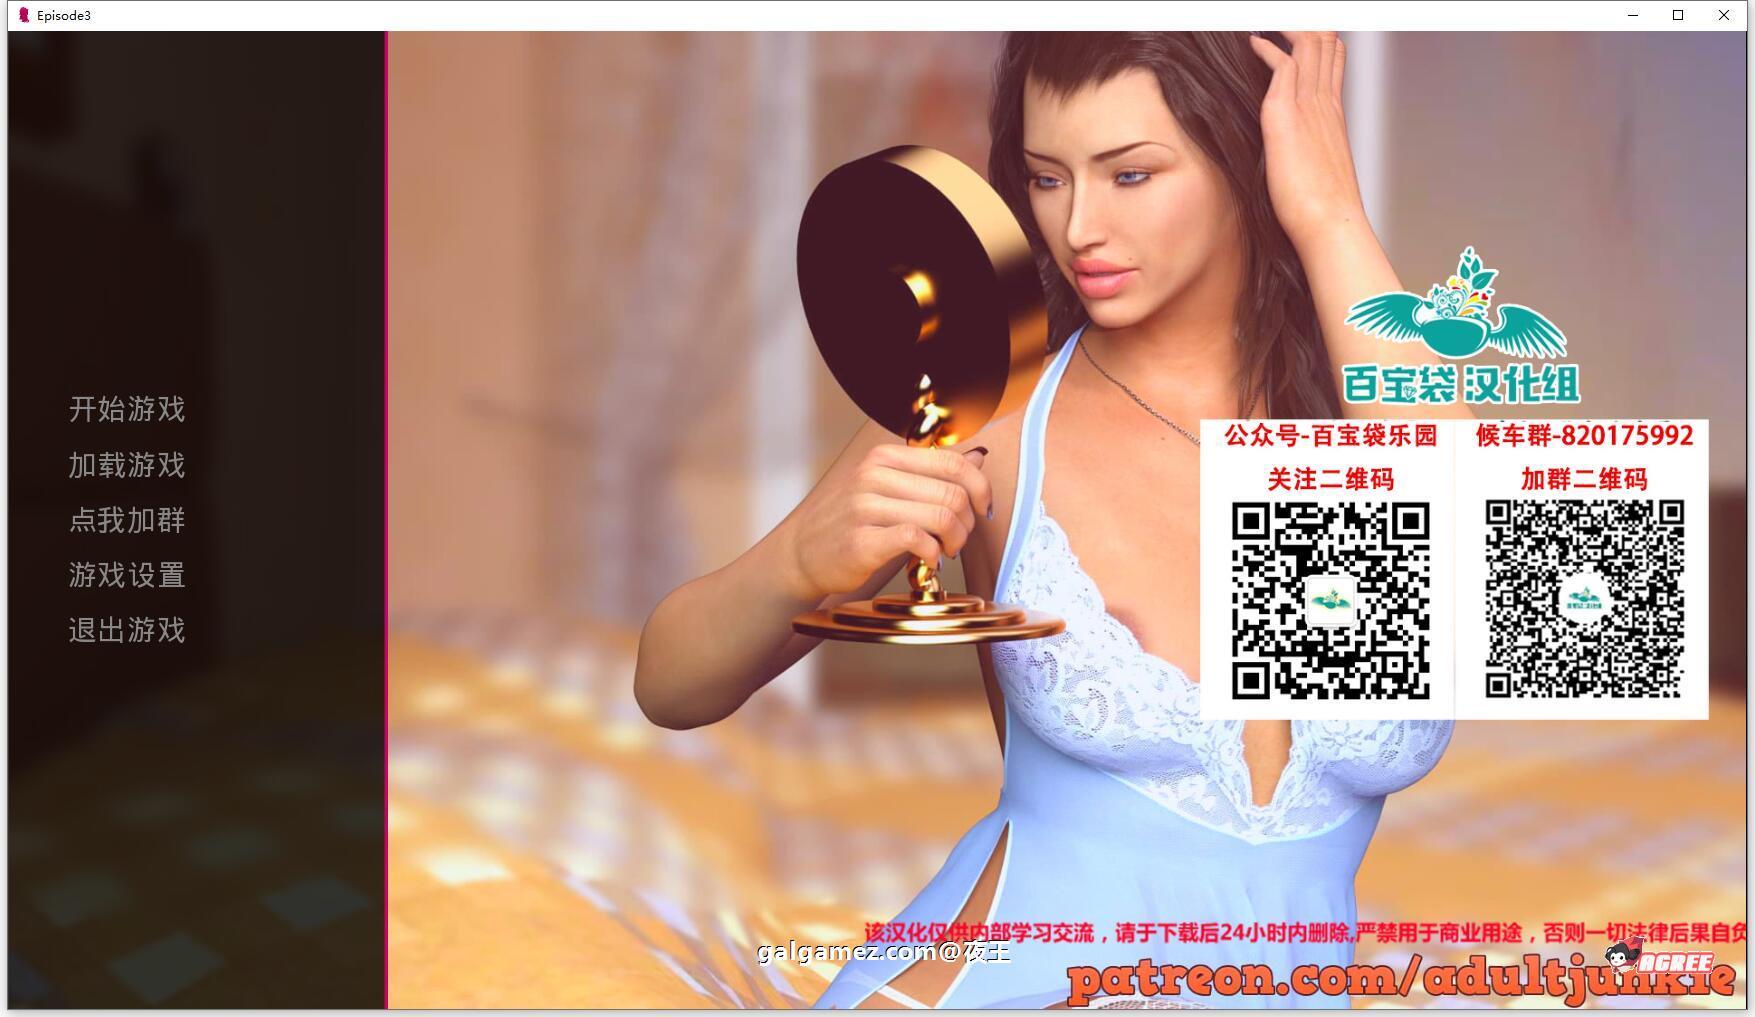 [欧美SLG/动态/人妻/母子乱伦/无码](I Am In Heaven)我在天堂 V3.6 精翻汉化版+全CG[FM/百度/OD][PC+安卓/1.5G]